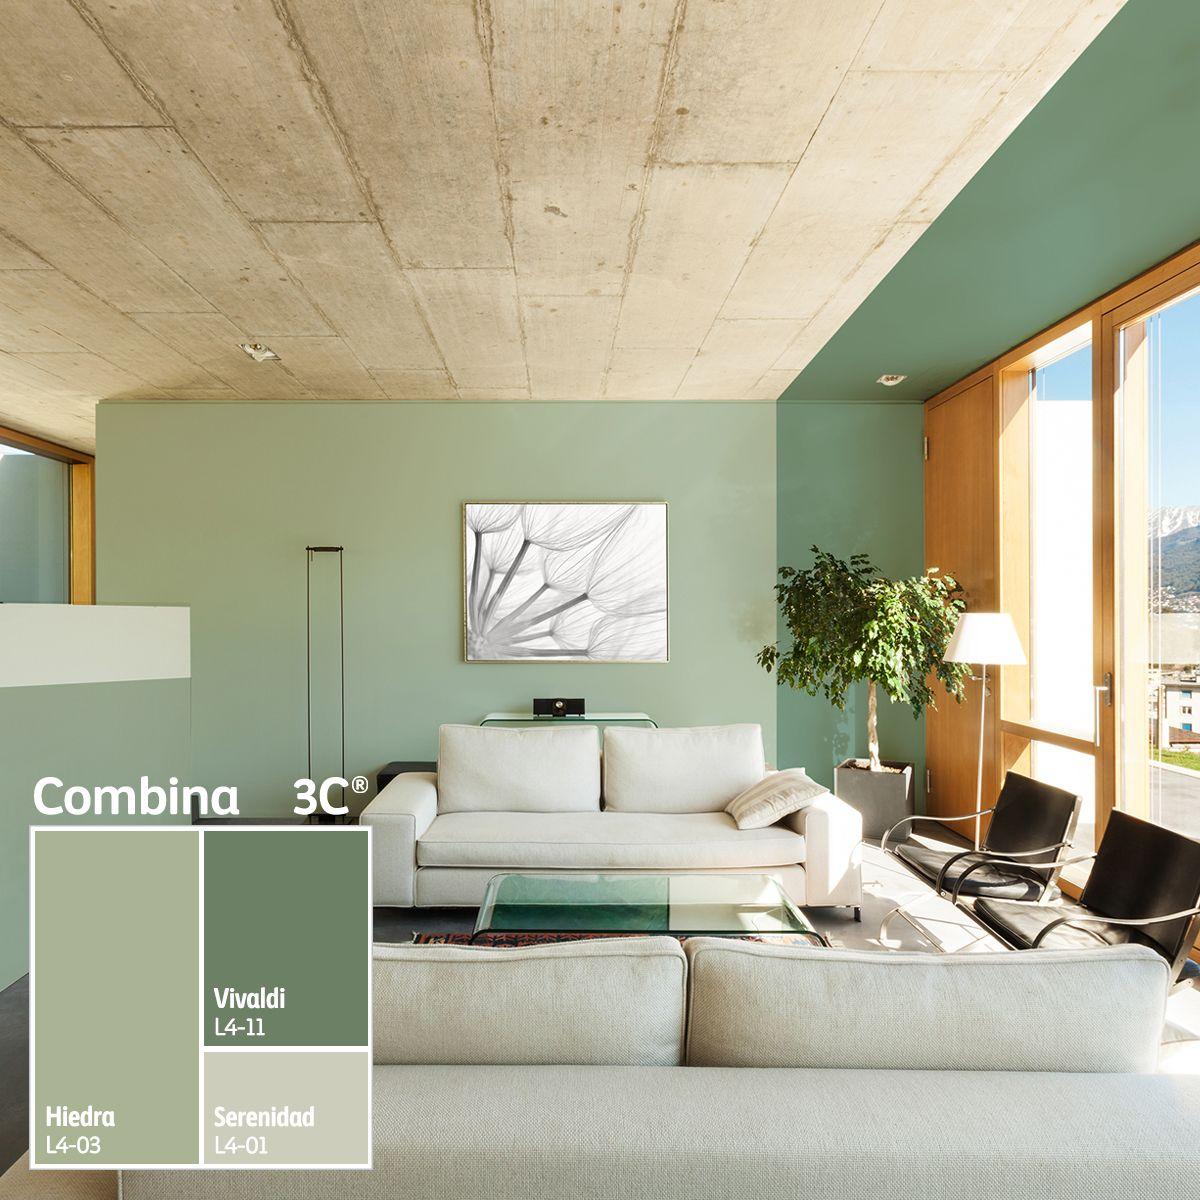 Los Colores Que Activan La Luz Iluminaran Tu Hogar Creando Espacios Confortables Cual Es Colores De Casas Interiores Interiores De Casa Colores De Interiores